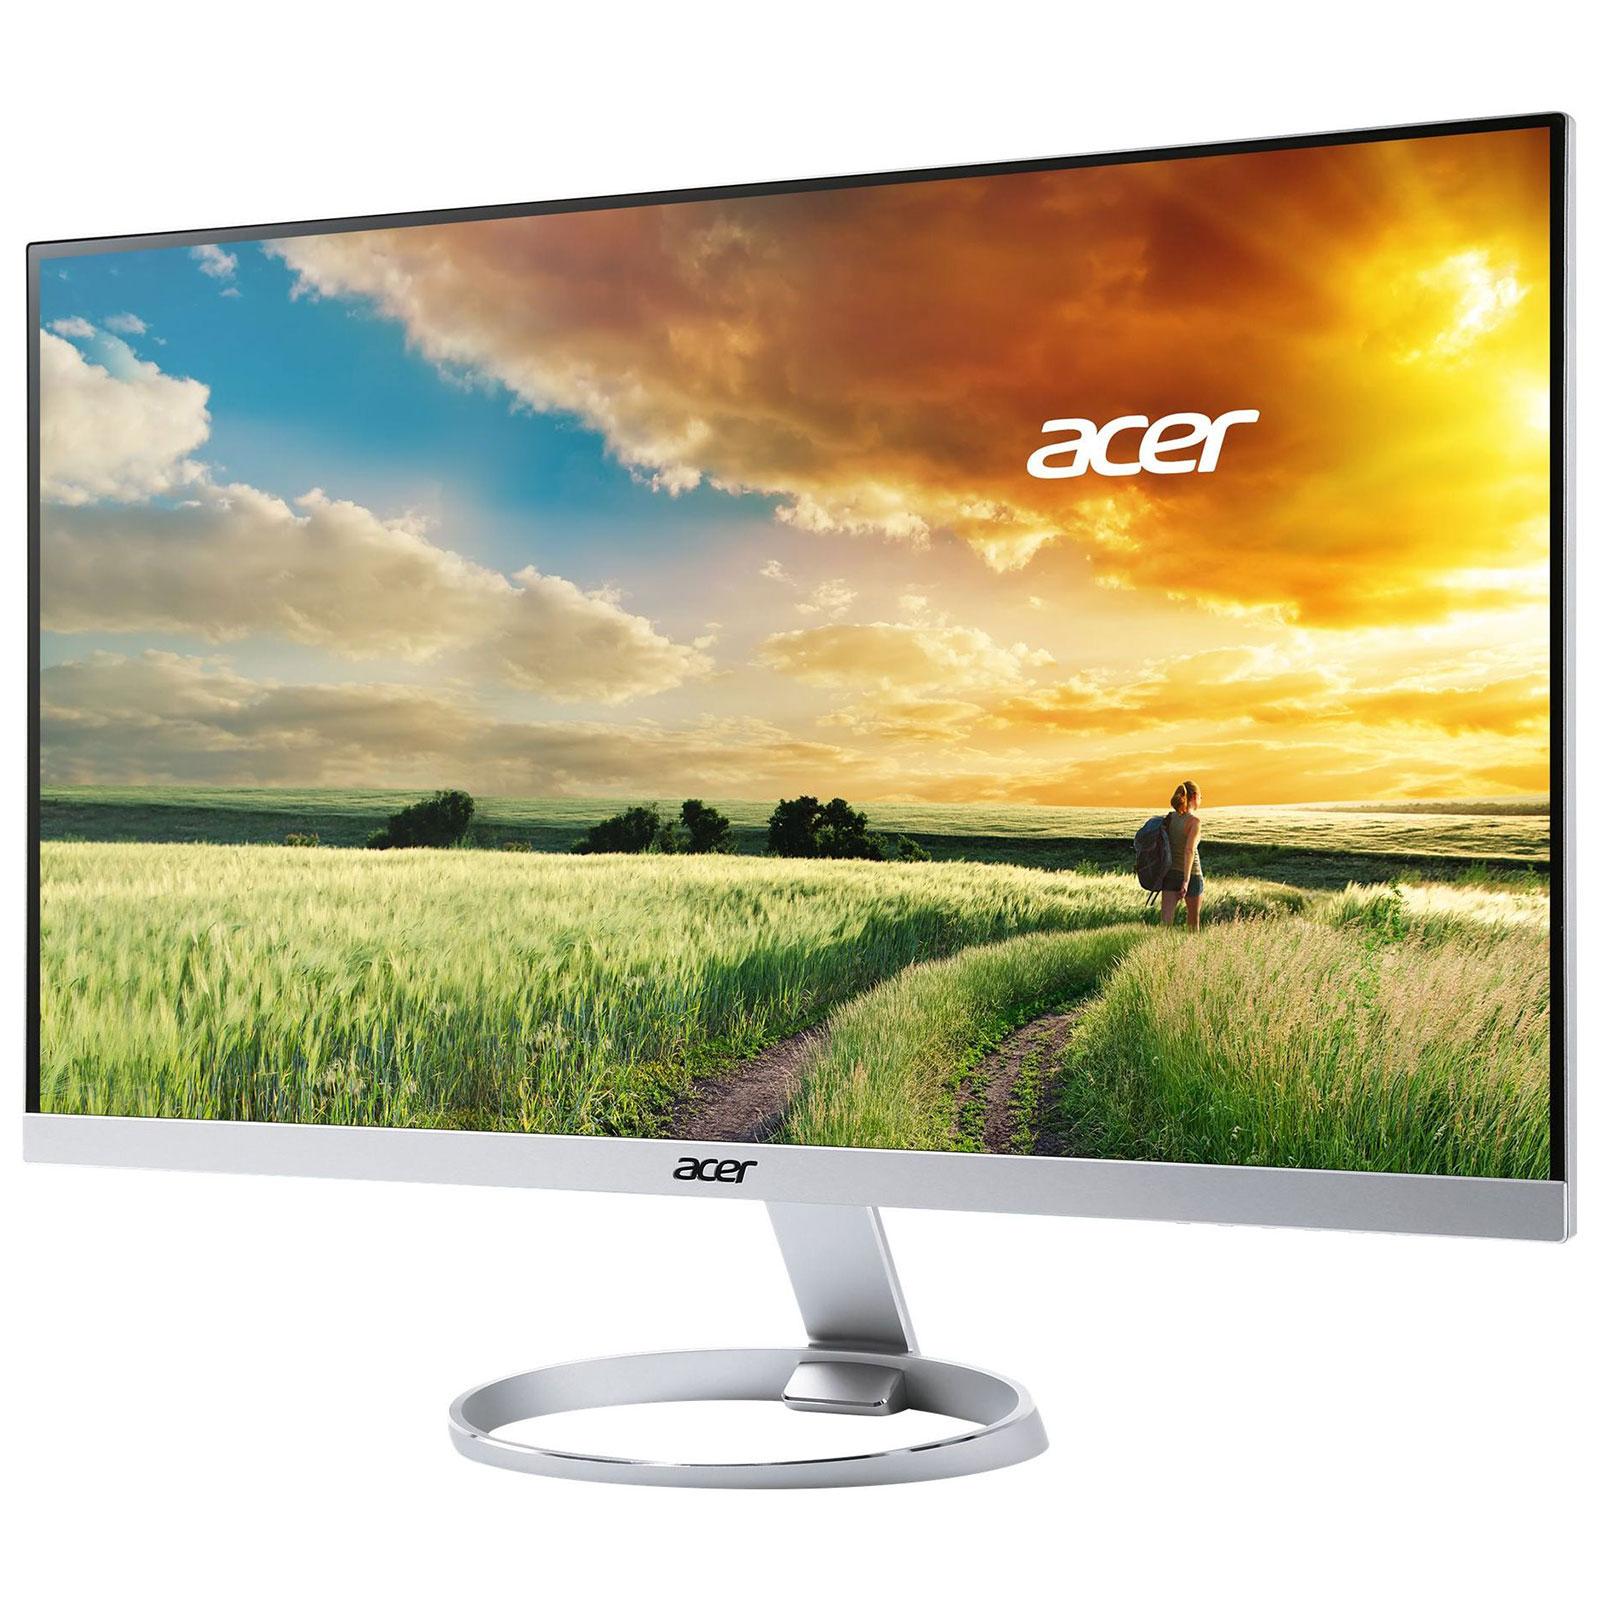 """Ecran PC 27"""" Acer H277HUsmipuz - WQHD 4ms, IPS, 60 Hz (Frontaliers Suisse)"""